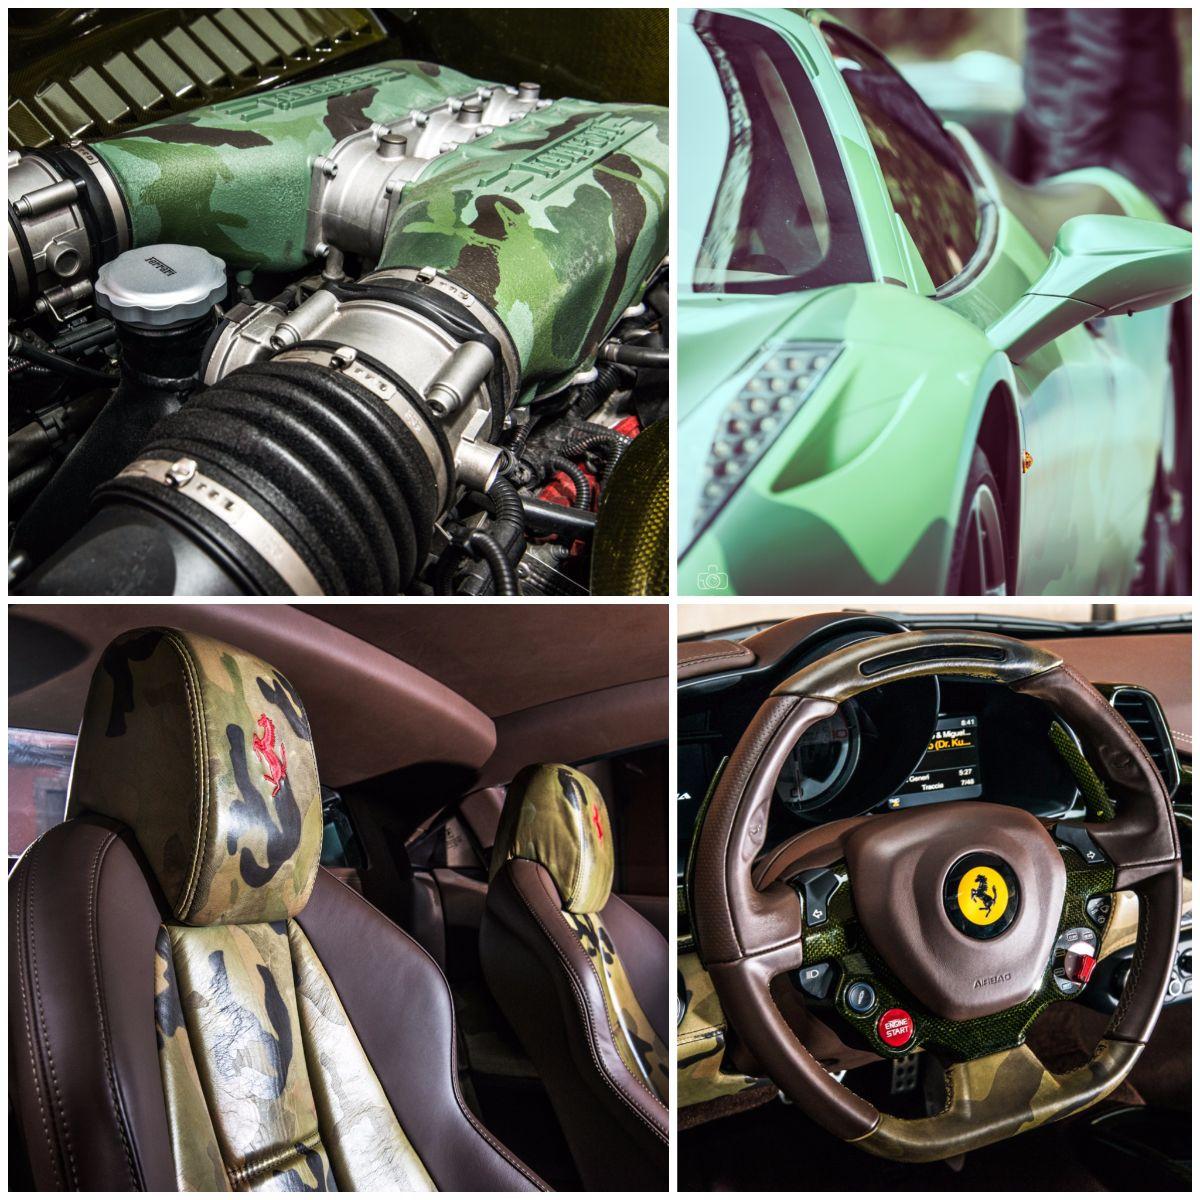 Lapo Elkann Ferrari 458 Italia one-off